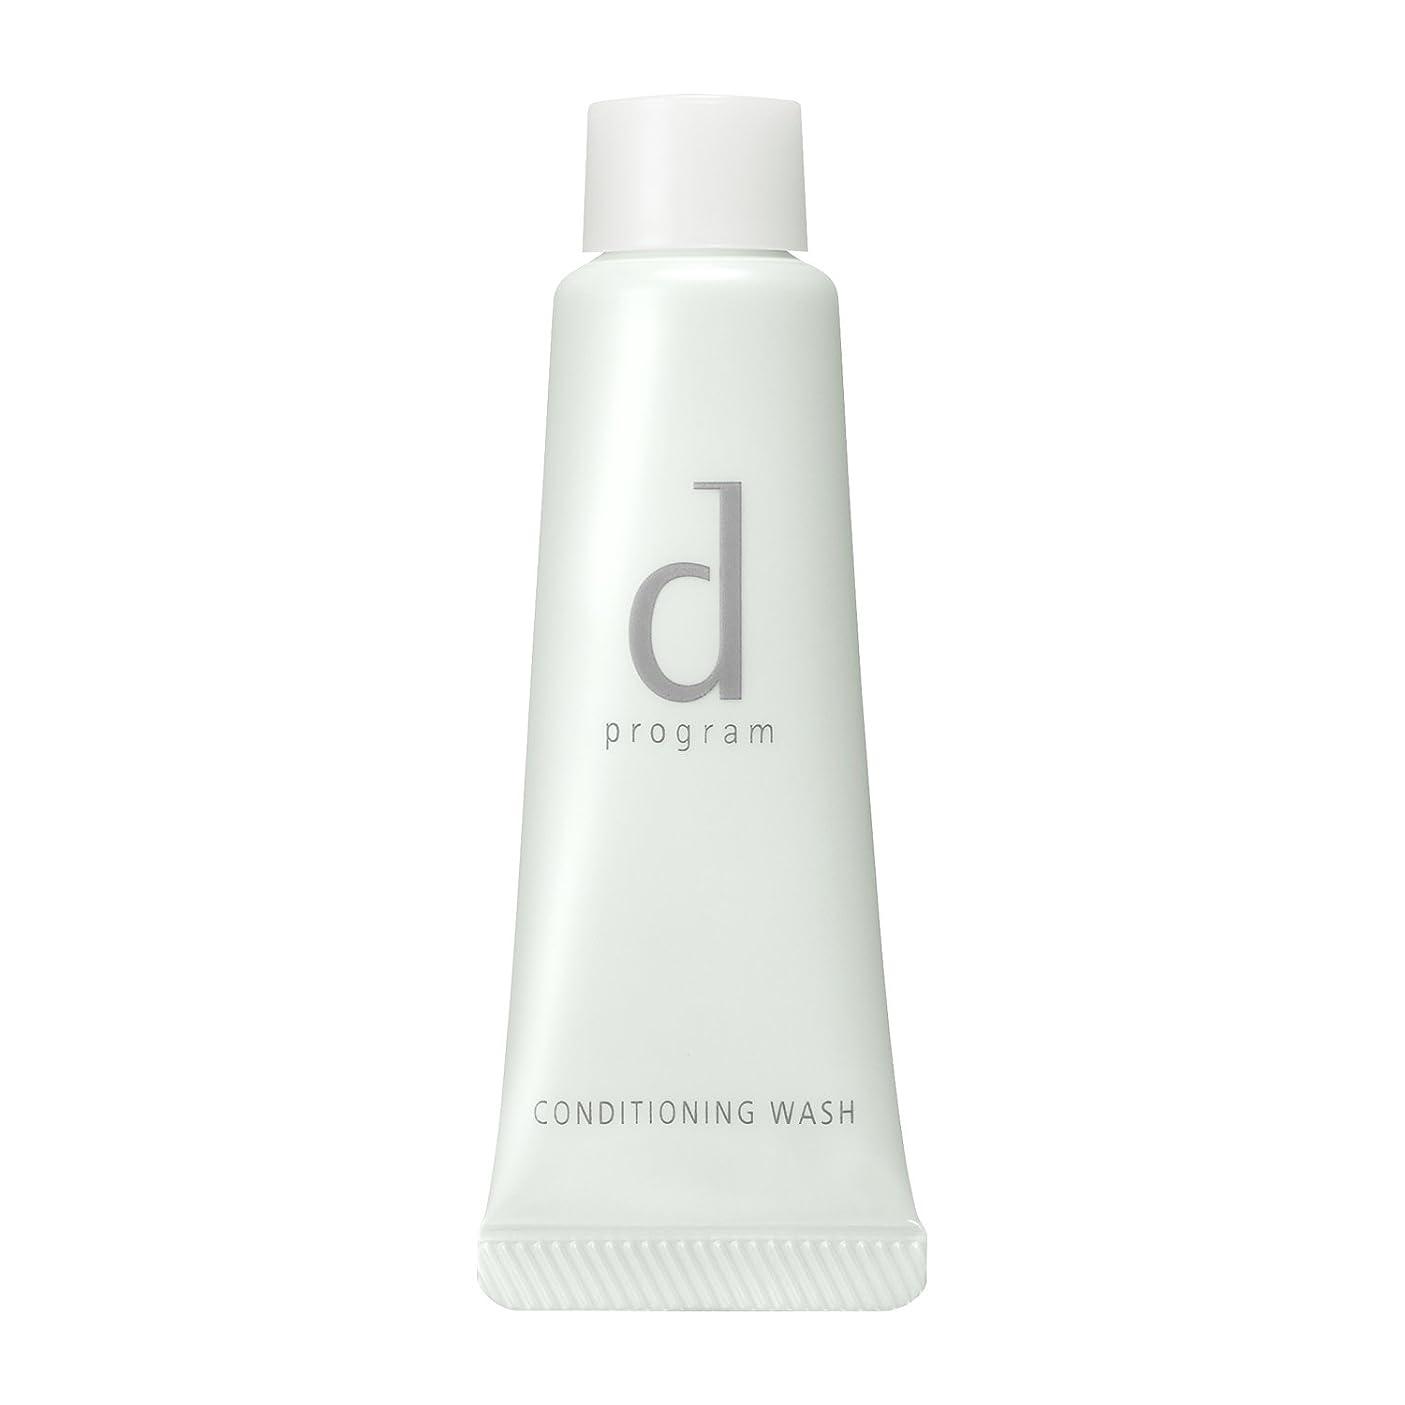 メーターシリアル刈るd プログラム コンディショニングウォッシュ 洗顔フォーム (トライアルサイズ) 20g